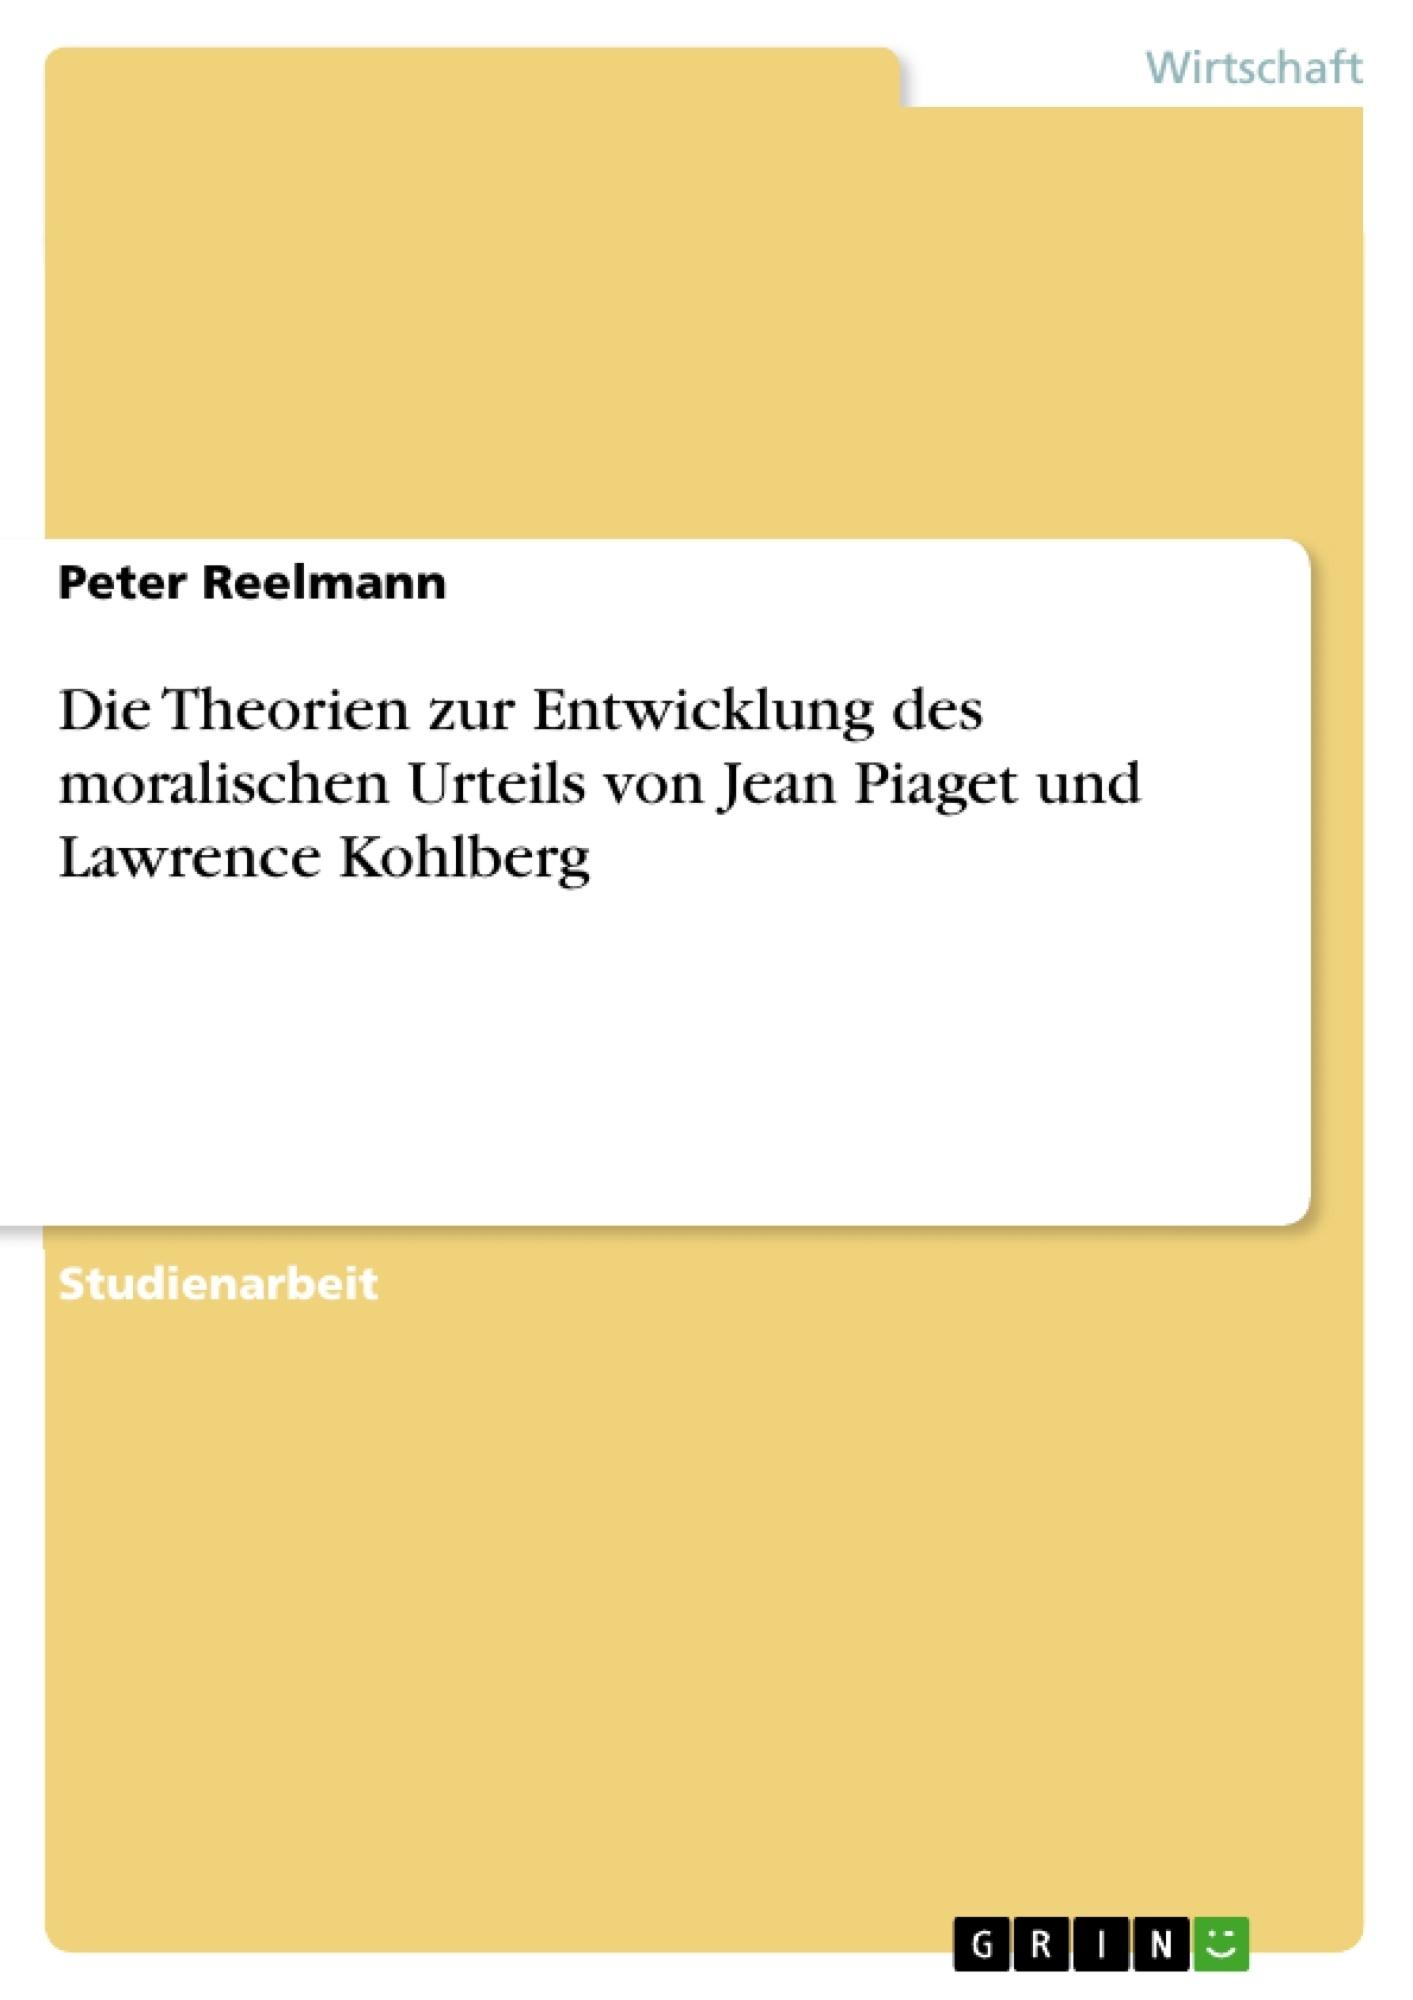 Titel: Die Theorien zur Entwicklung des moralischen Urteils von Jean Piaget und Lawrence Kohlberg